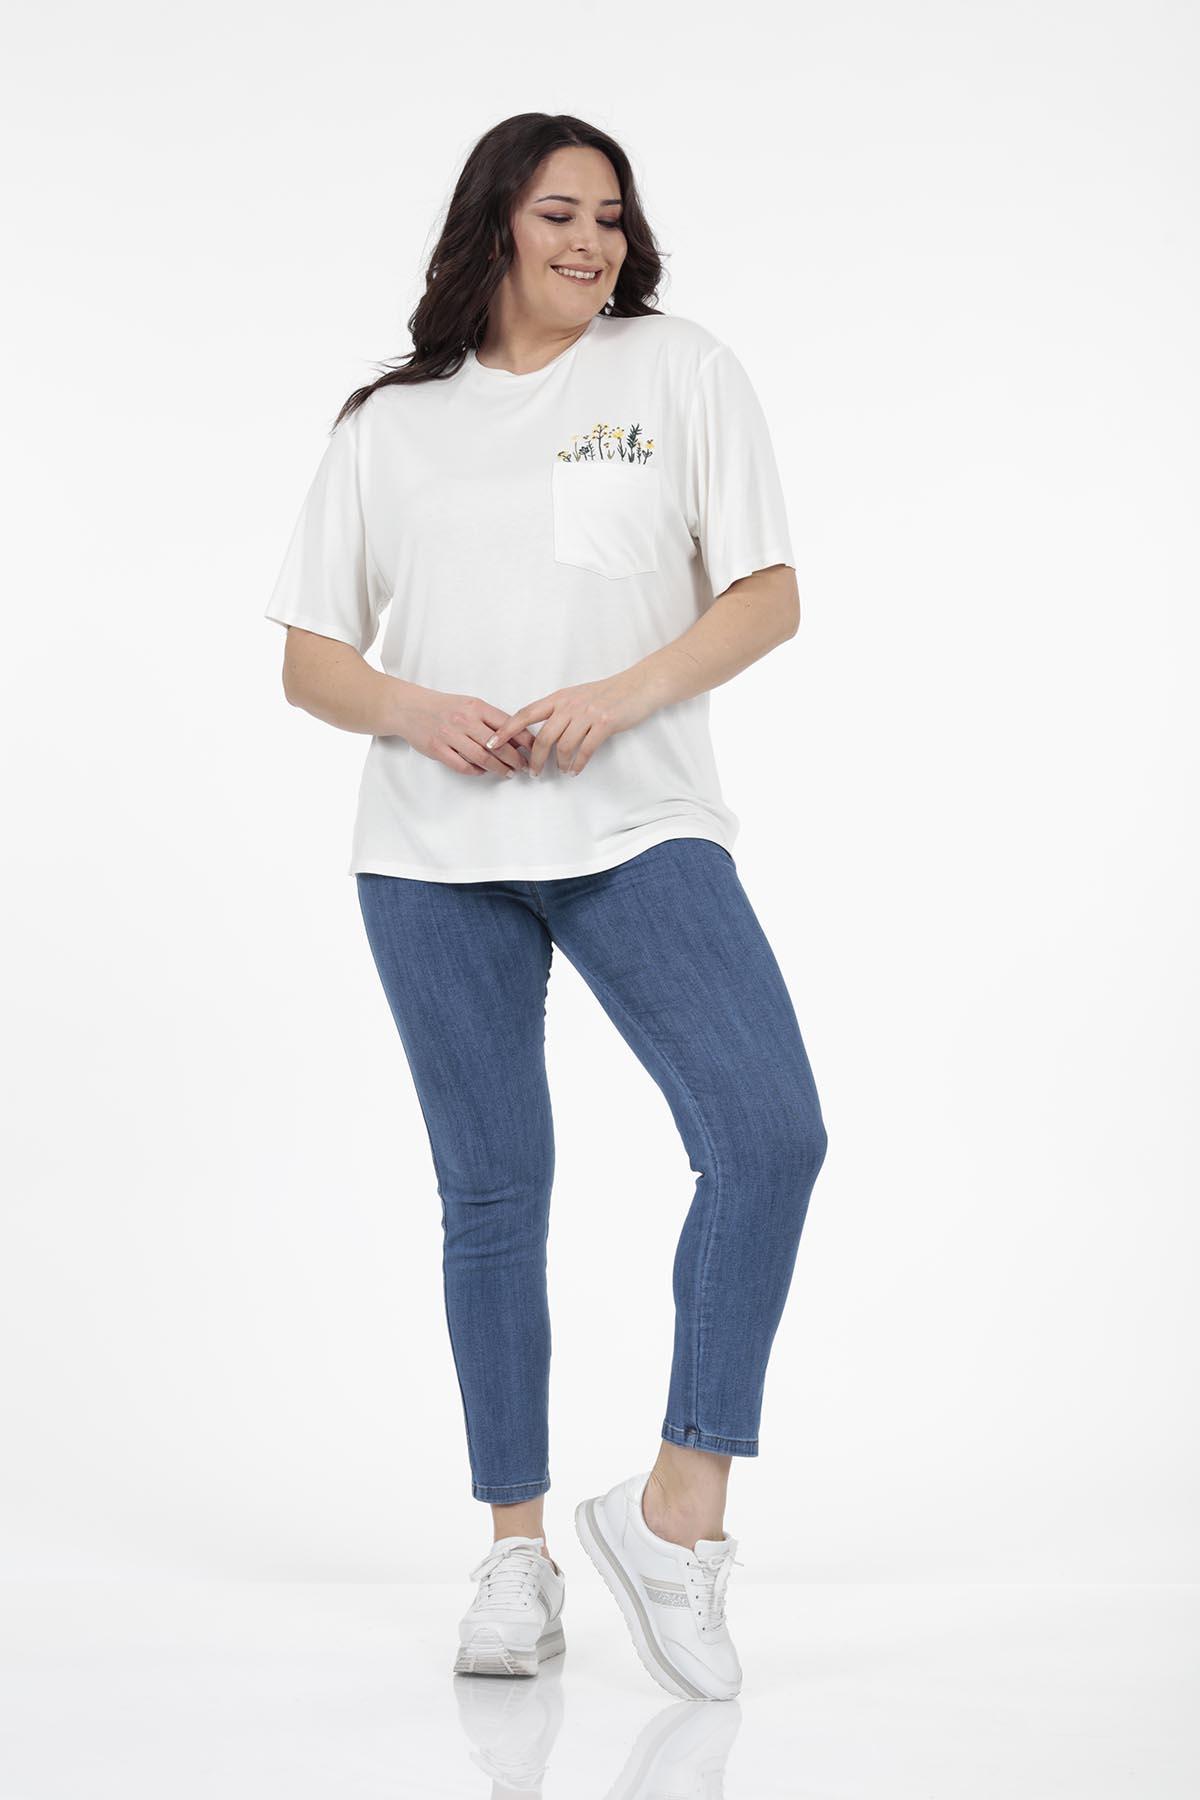 Cep Çiçek Detaylı T-shirt - Thumbnail